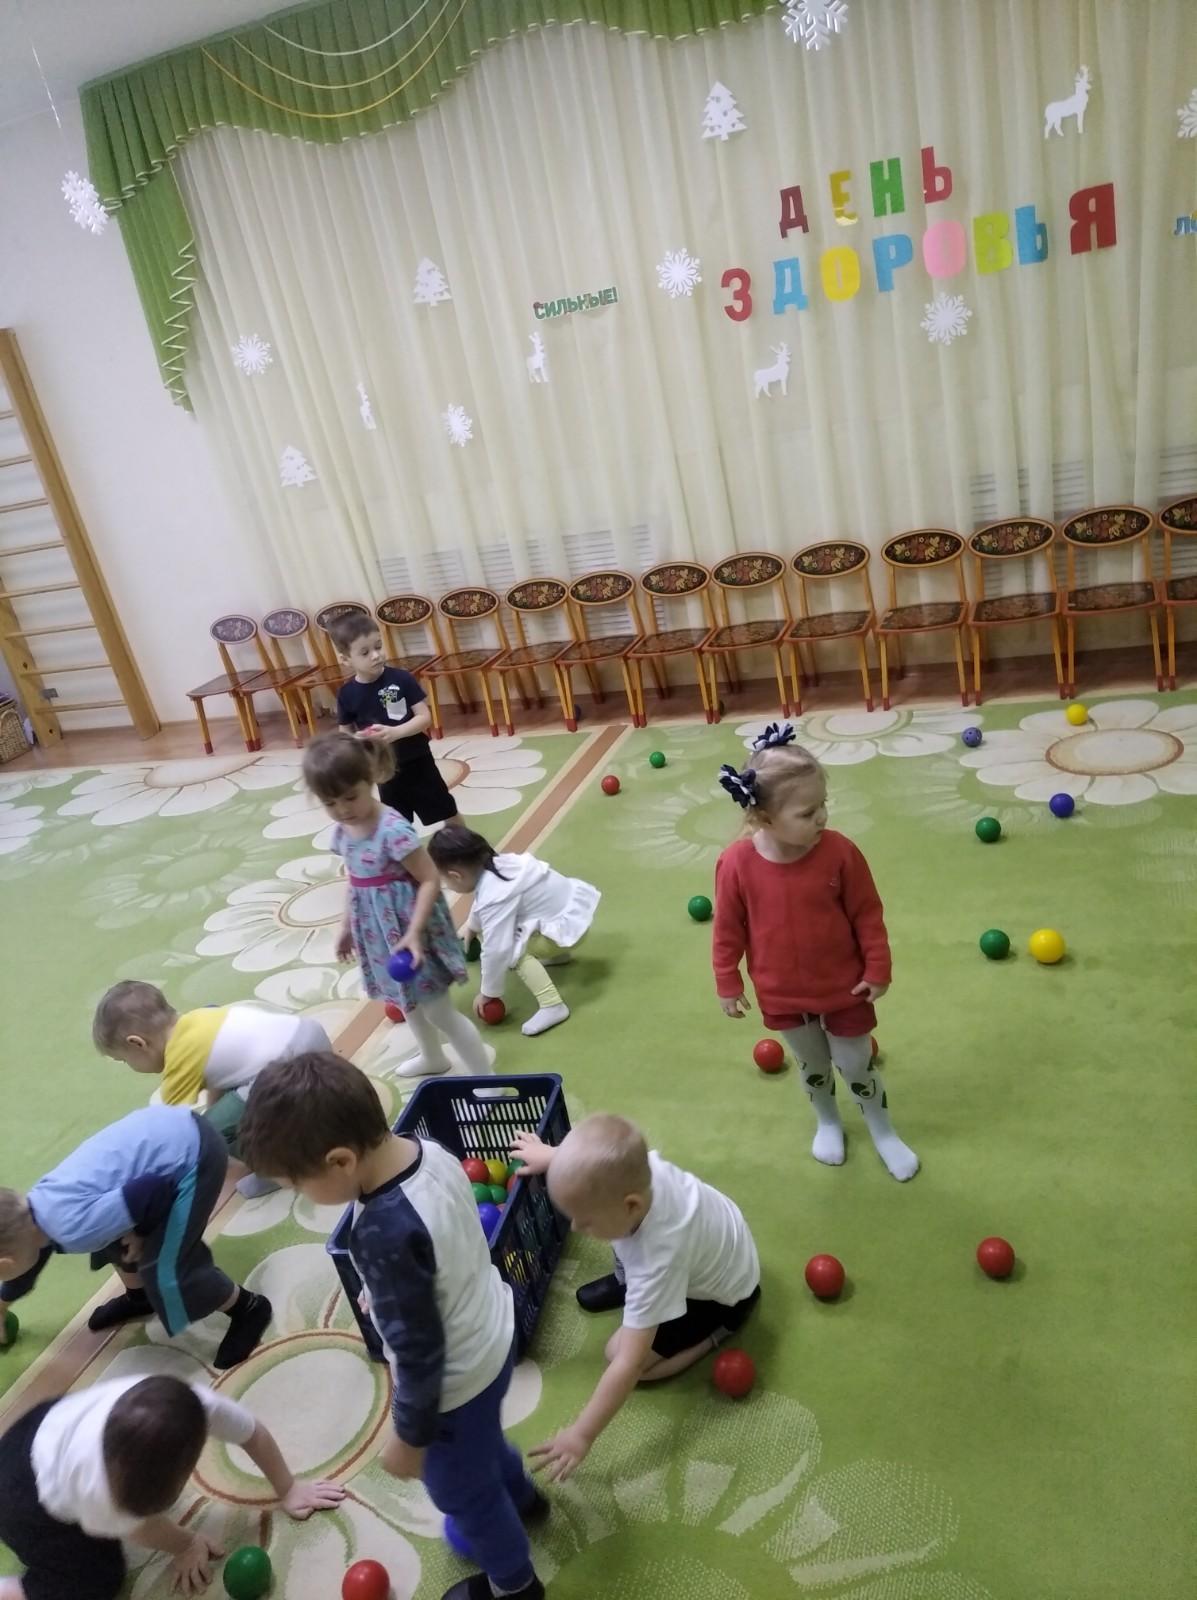 D:\Загрузки\ЛАДУШКИ зима\Пилюлькин играет с детьми.jpg